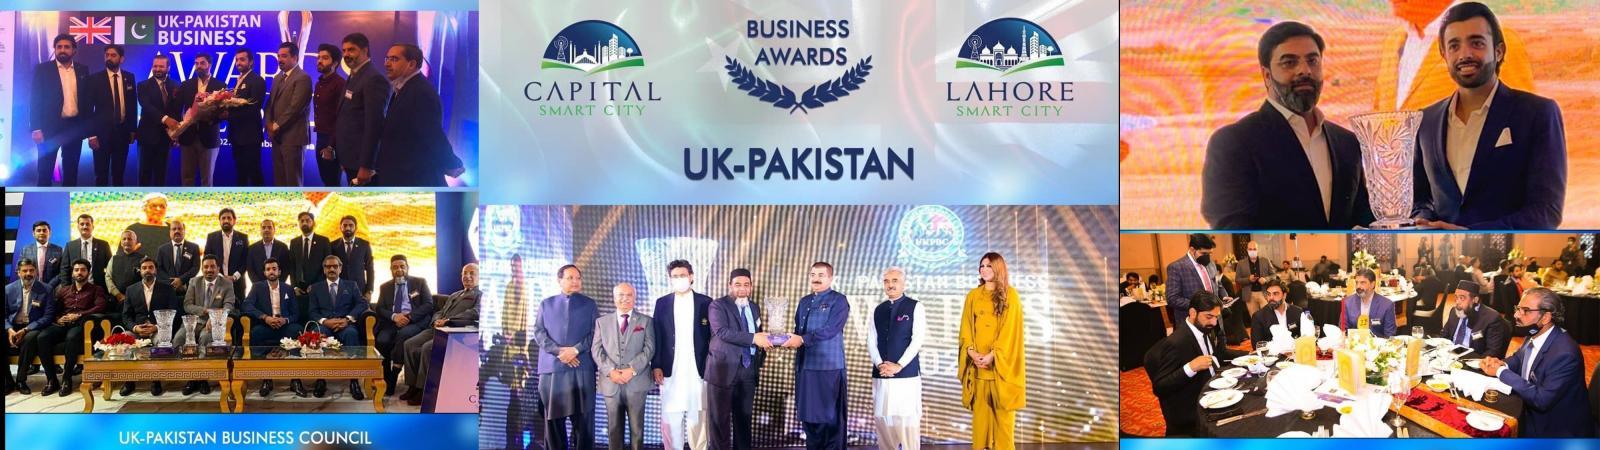 UK - Pakistan Business Awards 2021